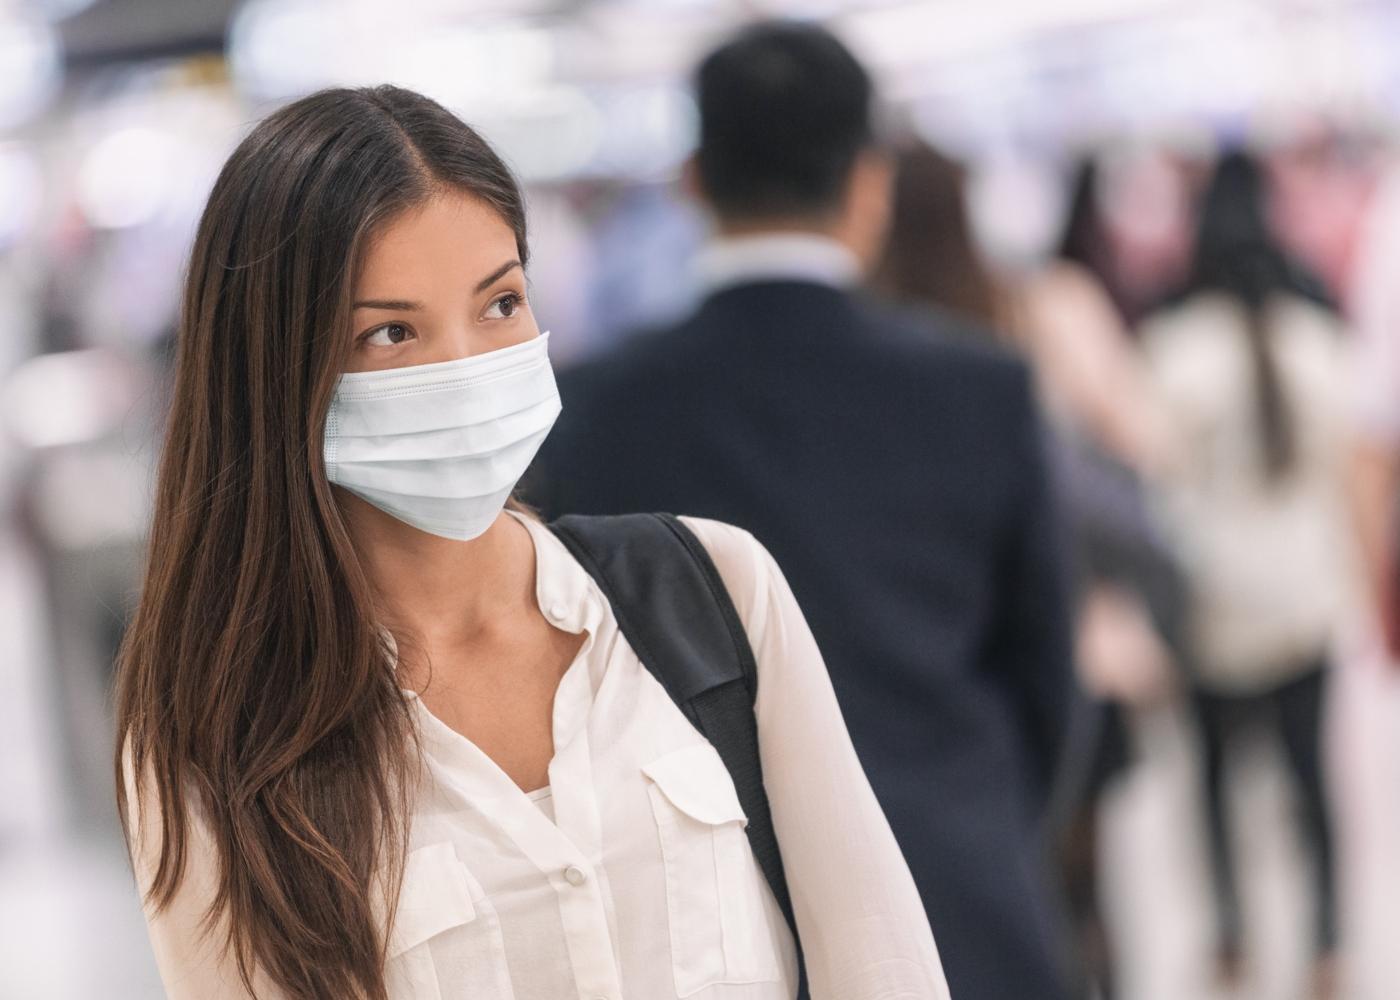 Mulher no metro com máscara